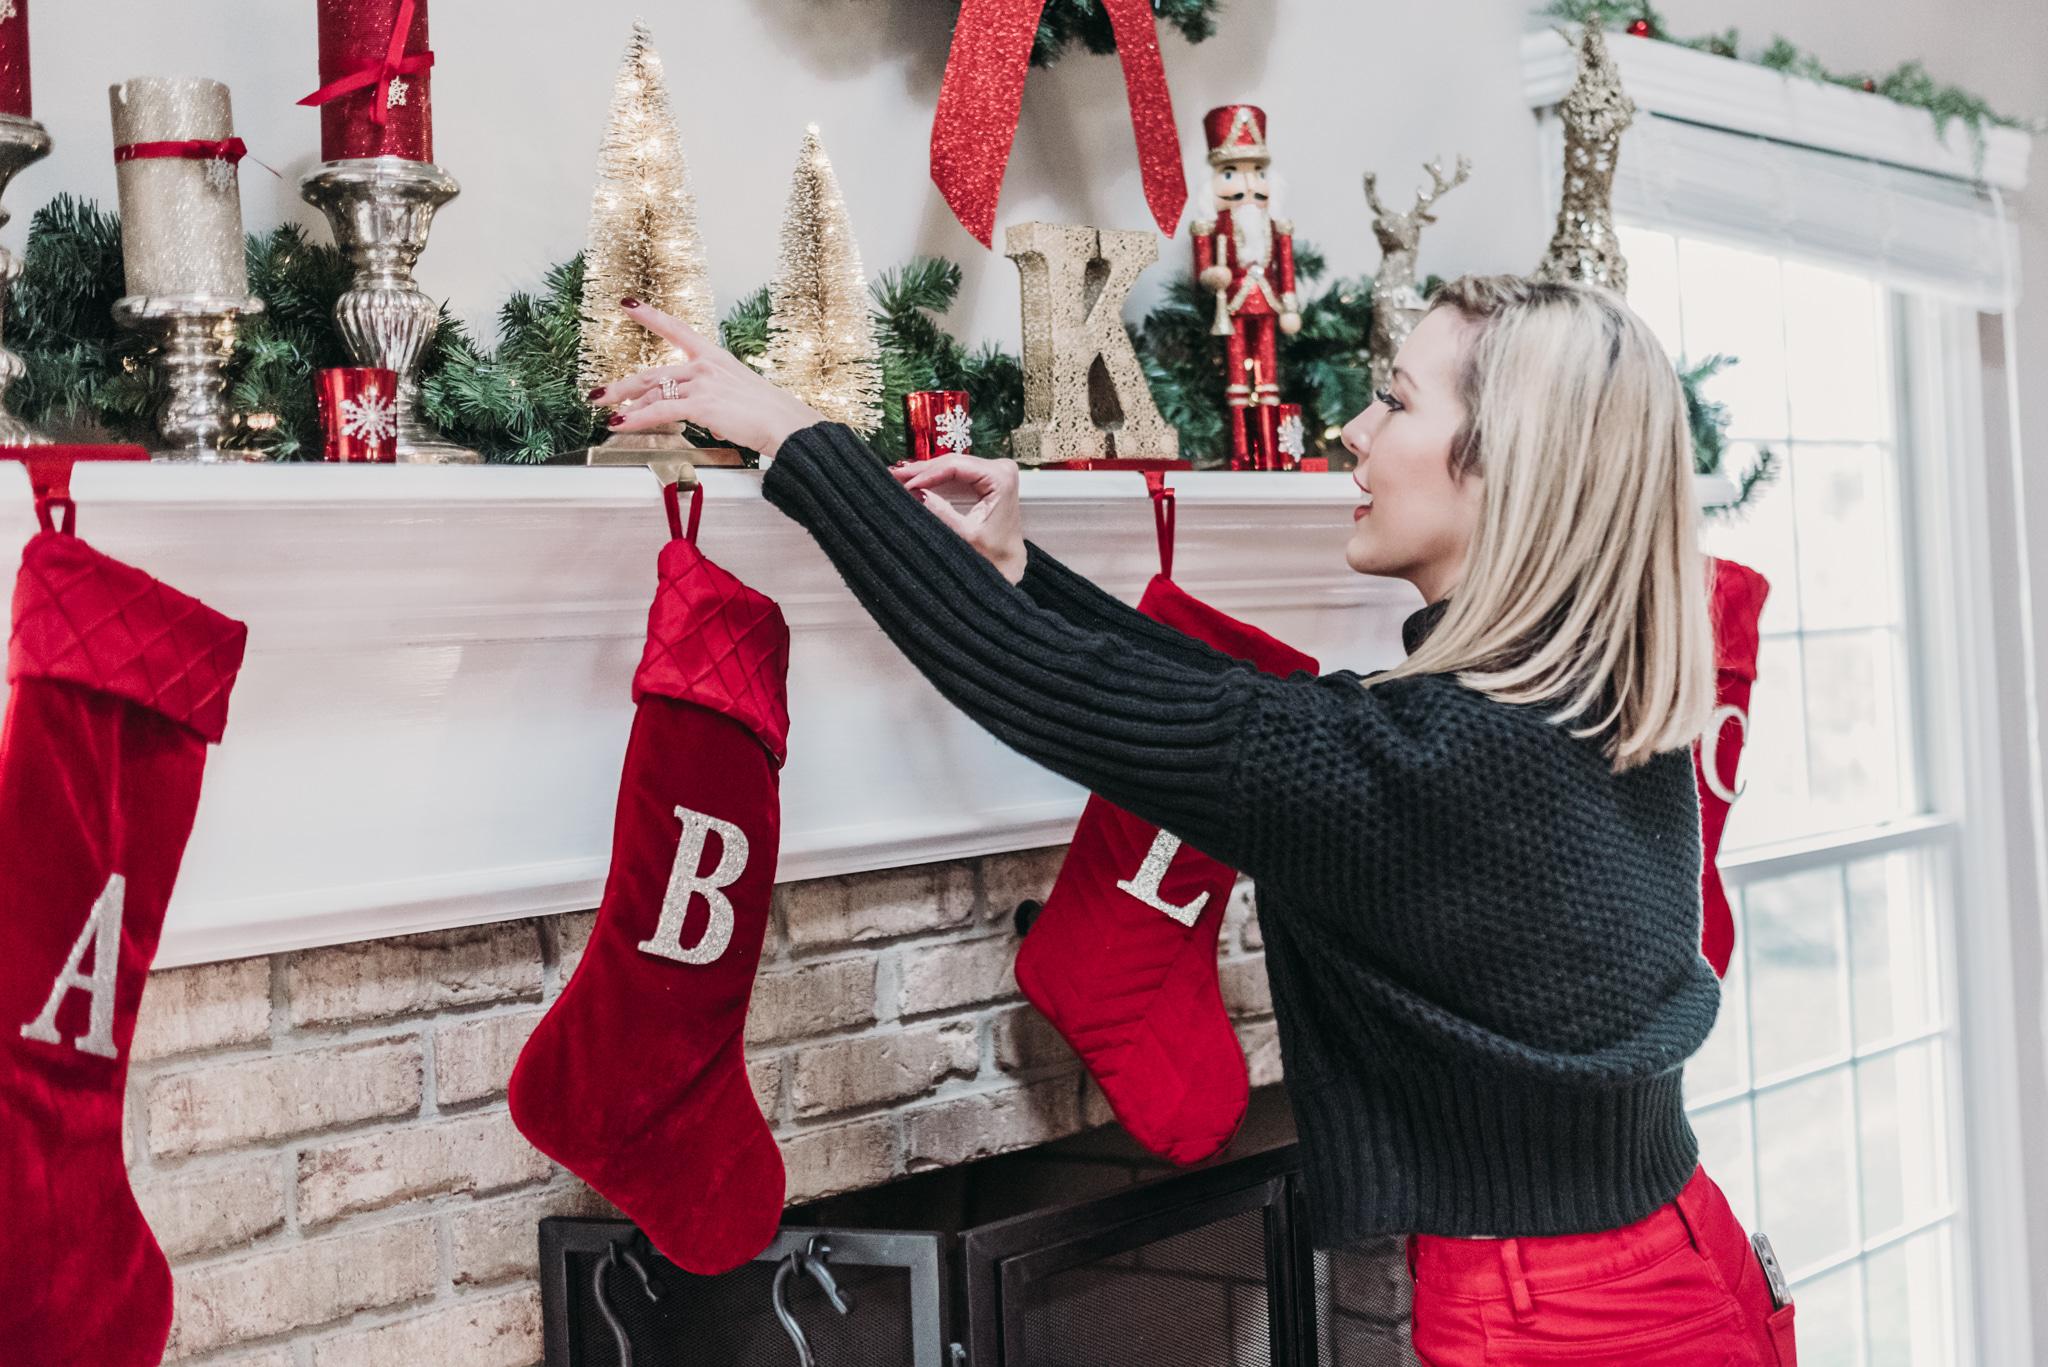 K On Christmas.Stocking Stuffer Ideas For Her Brianna K 2018